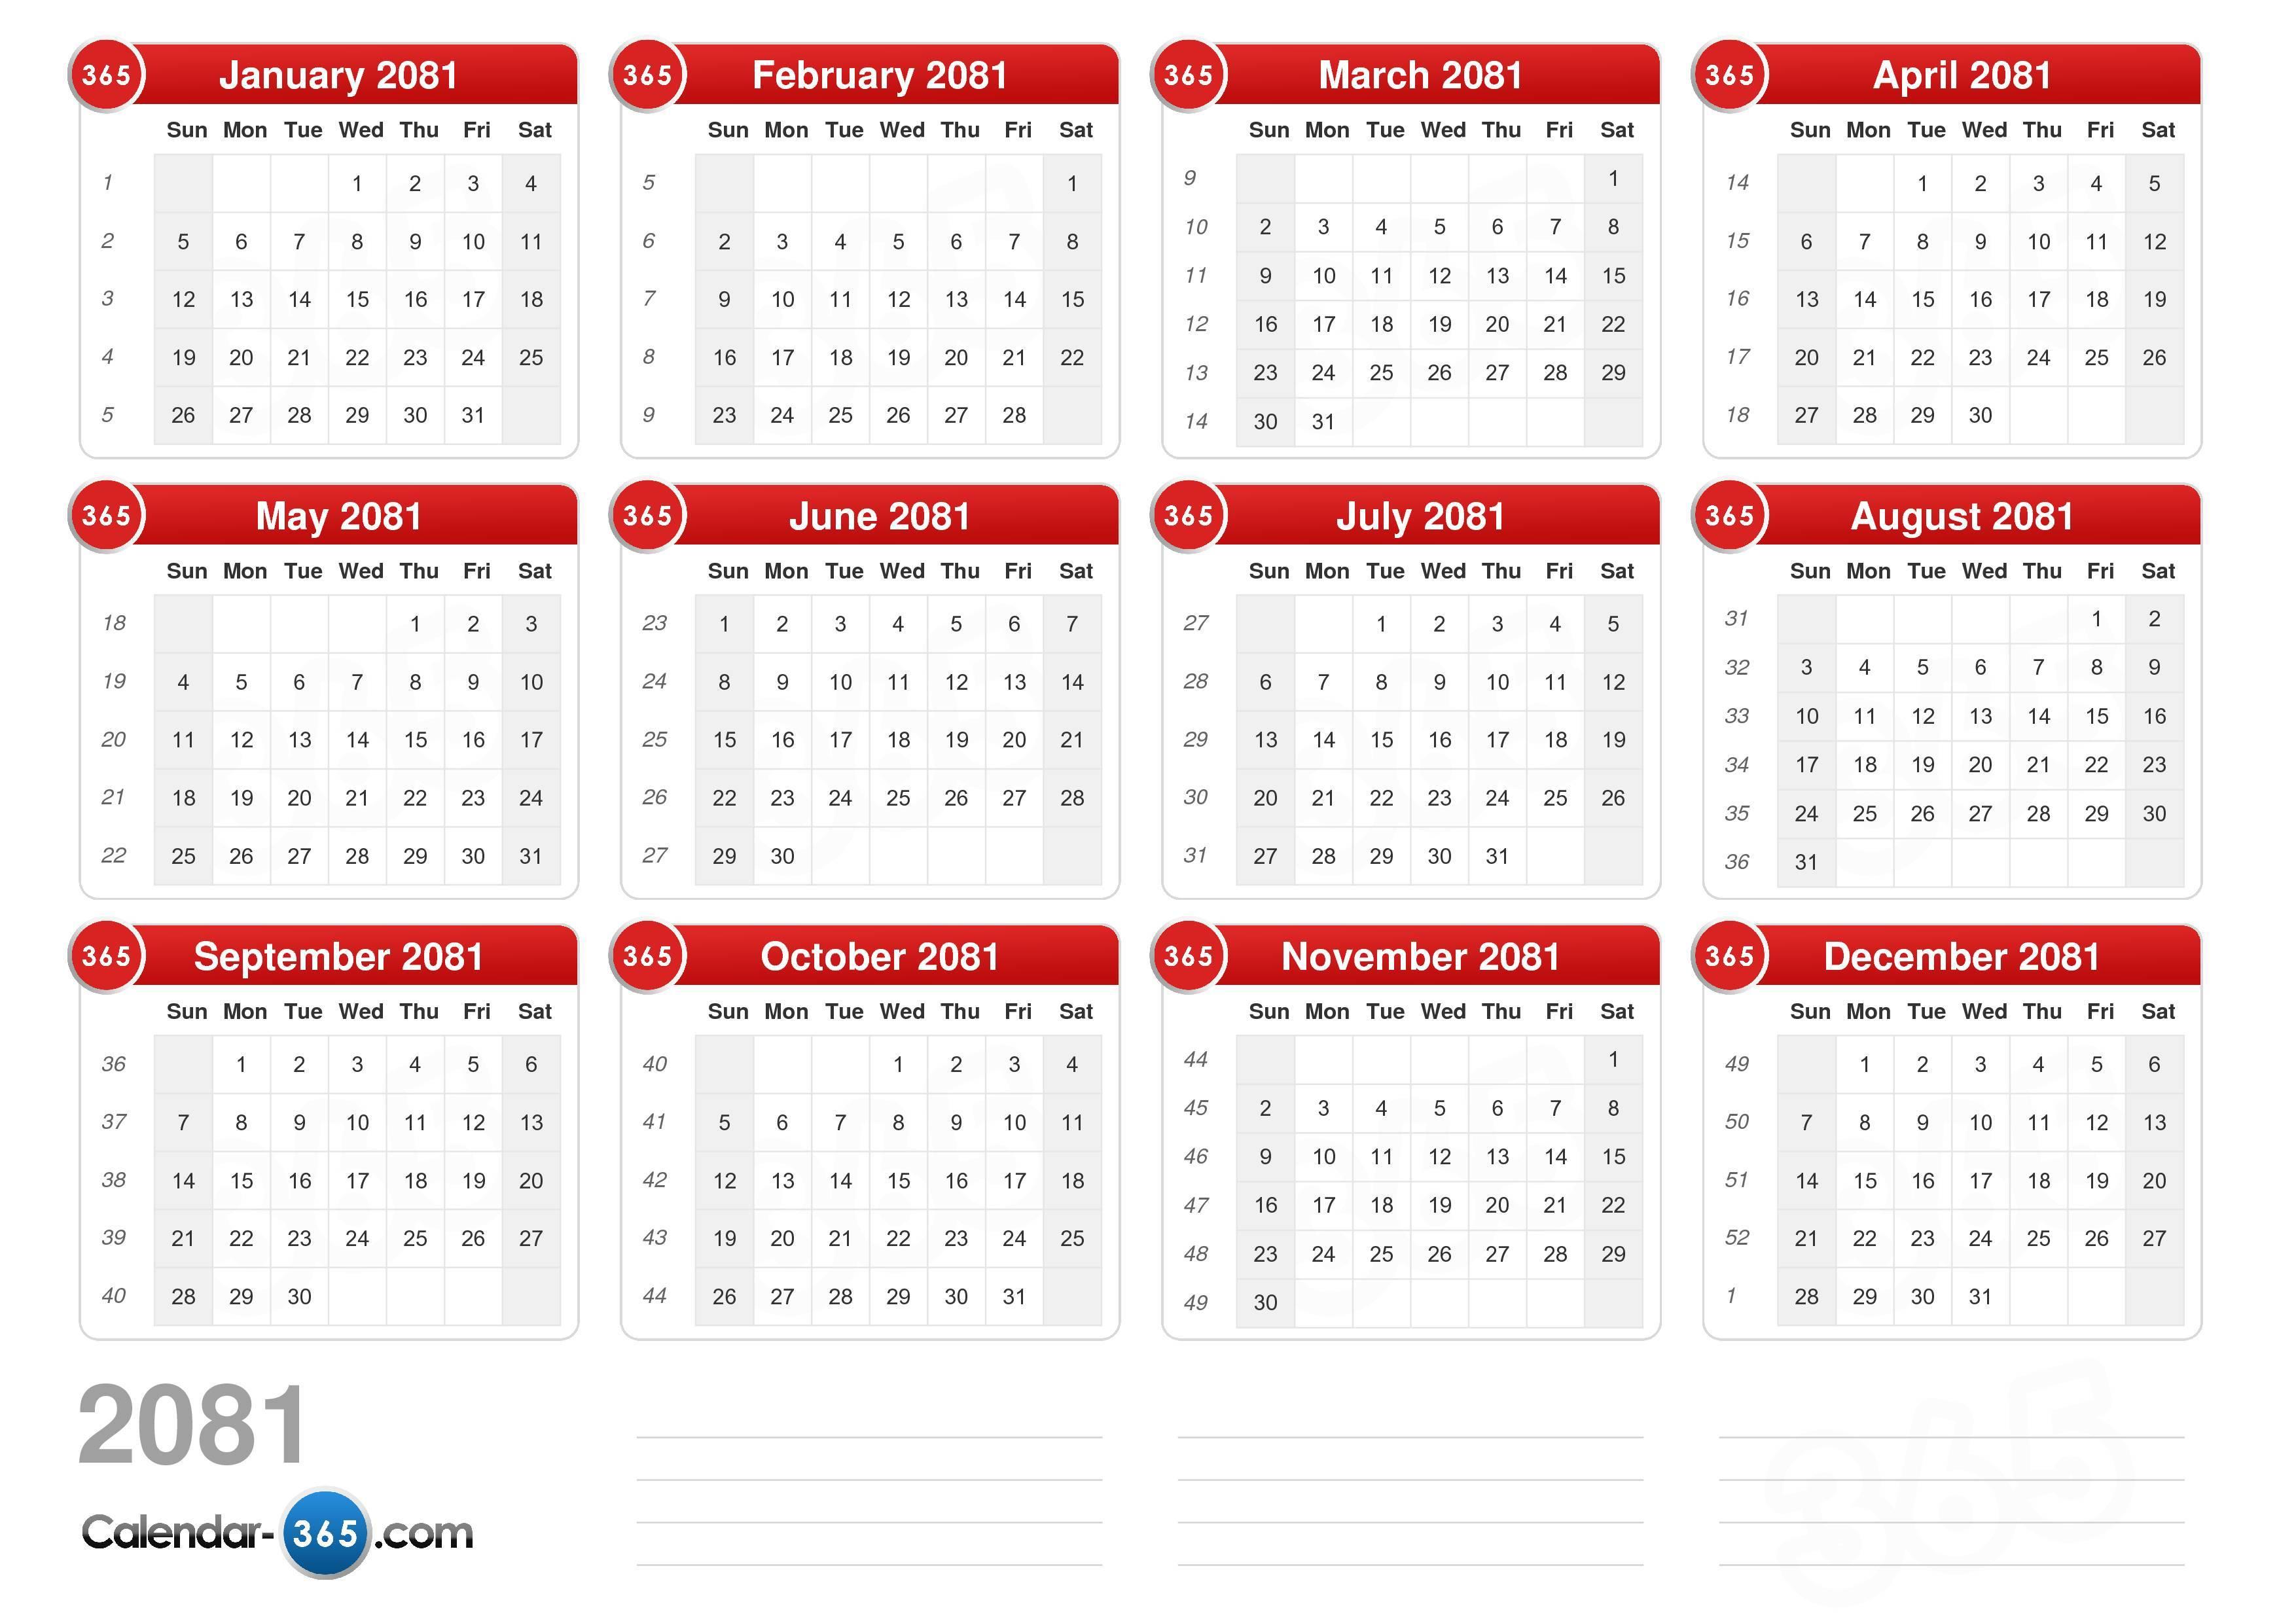 2081 Calendar (v2)